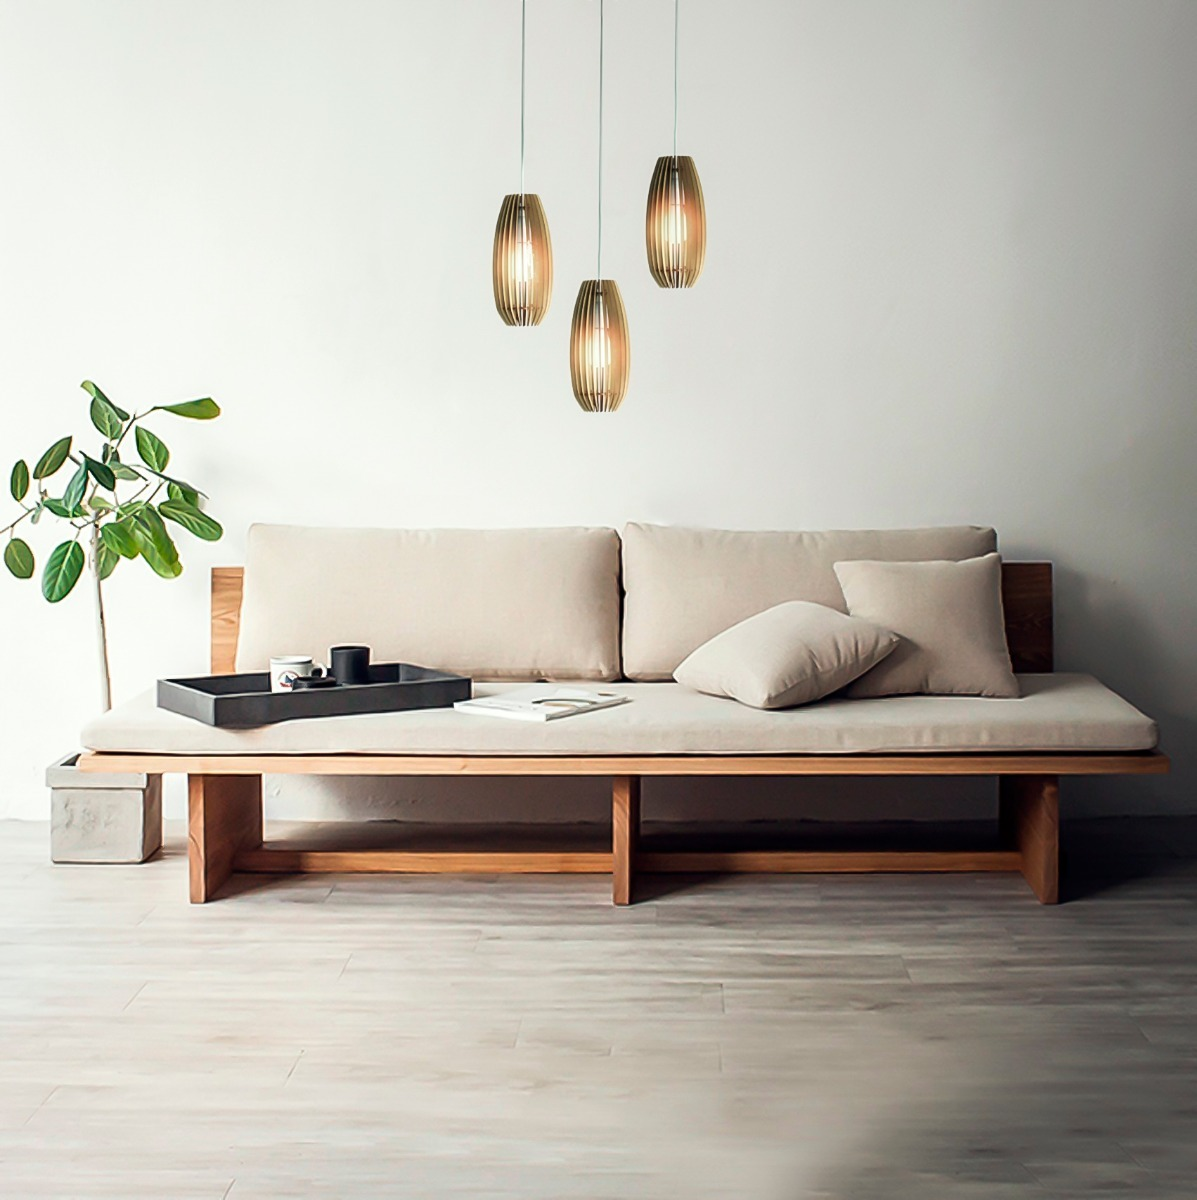 Lampara Colgante Sur Madera Diseño Living Comedor - $ 999,00 en ...